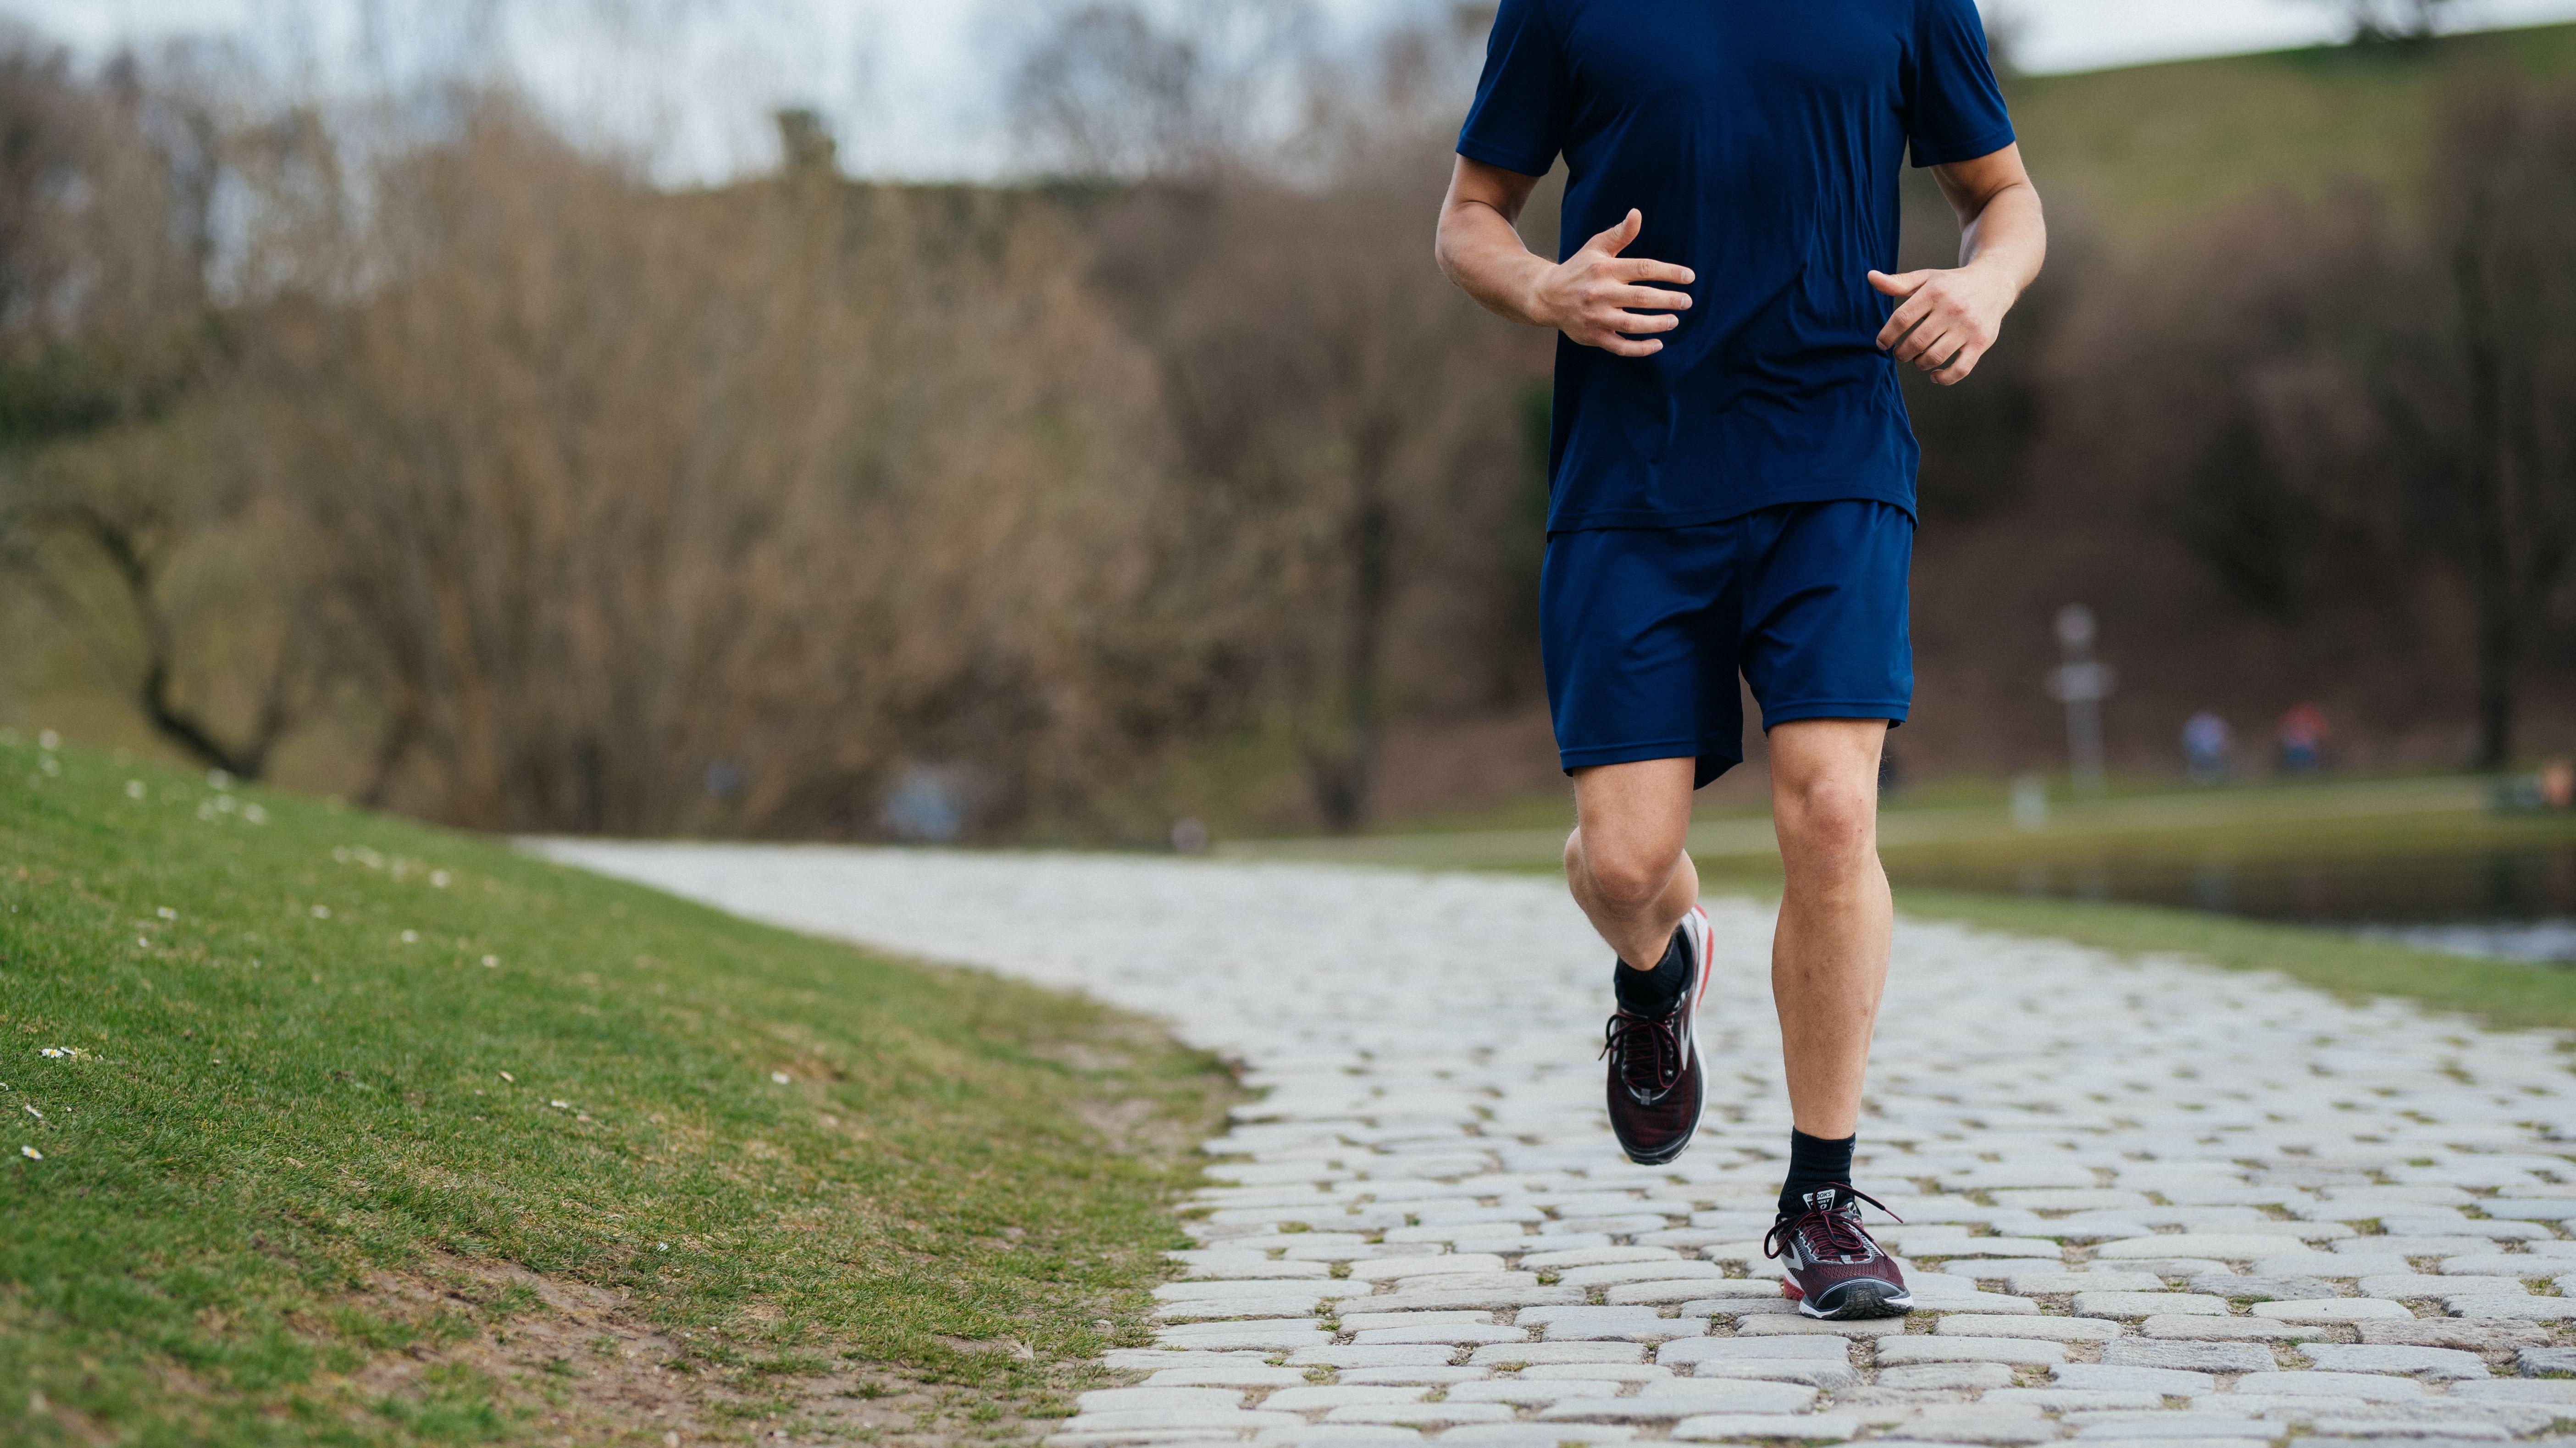 Ein Mann läuft in Joggingschuhen auf einem gepflasterten Weg